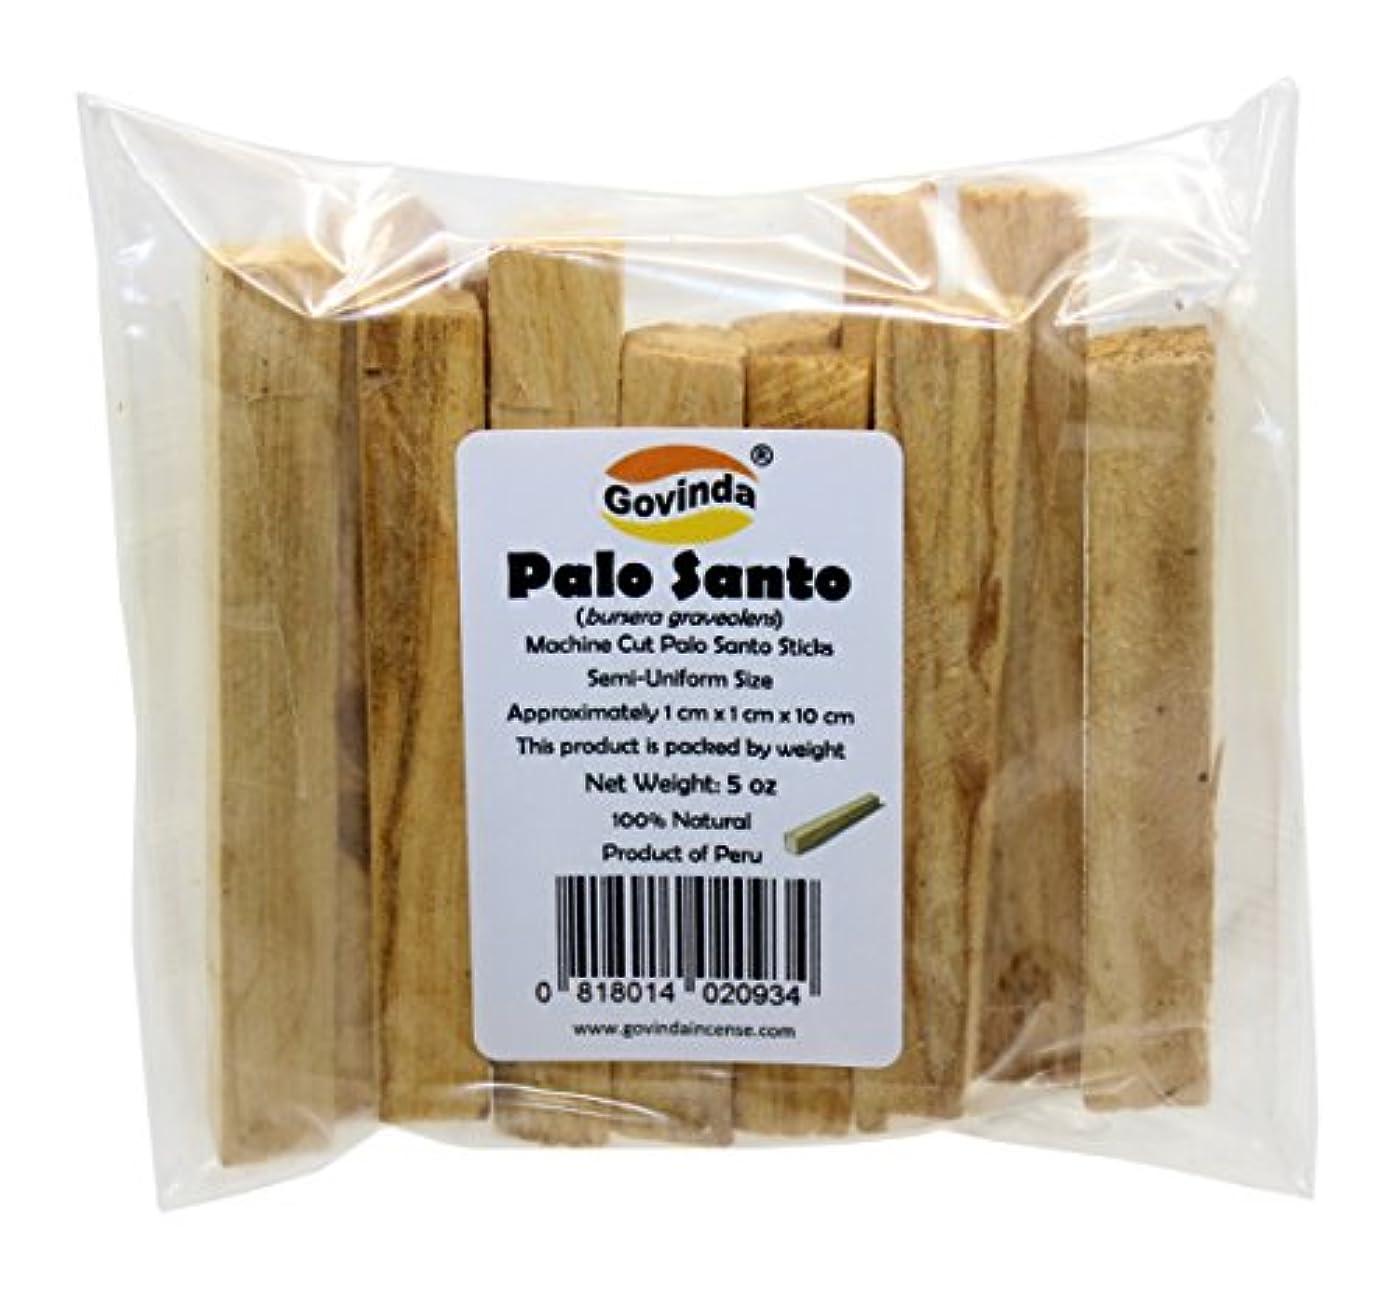 年齢決定する検索エンジン最適化GovindaプレミアムPalo Santo Holy Wood Incense Sticks 5オンスパックfor purifying、クレンジング、ヒーリング、瞑想、Stress Relief。100 %天然